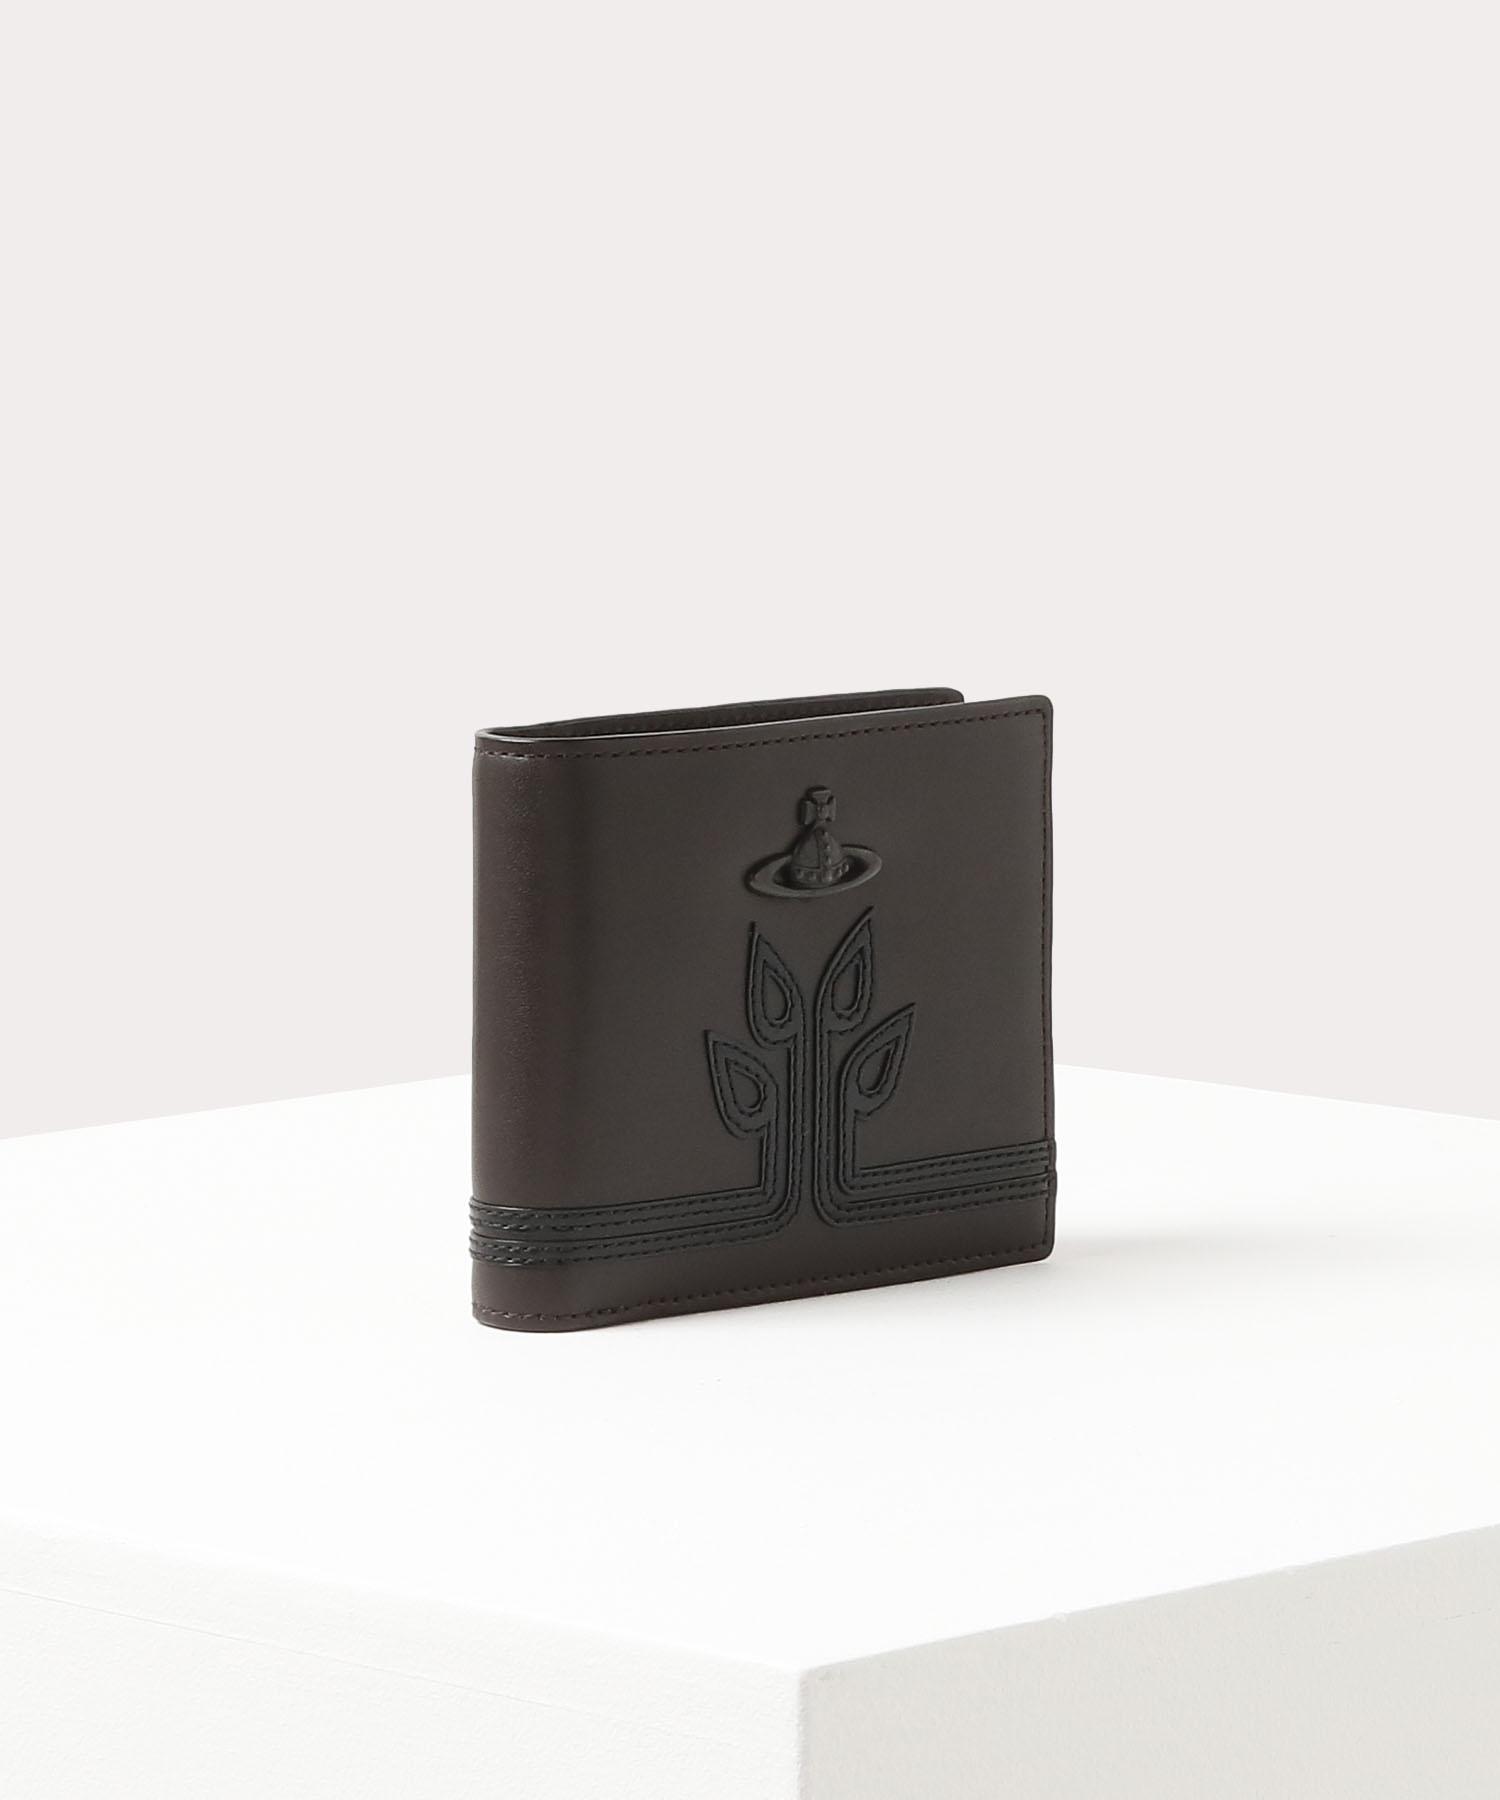 シードツリーORB 二つ折り財布